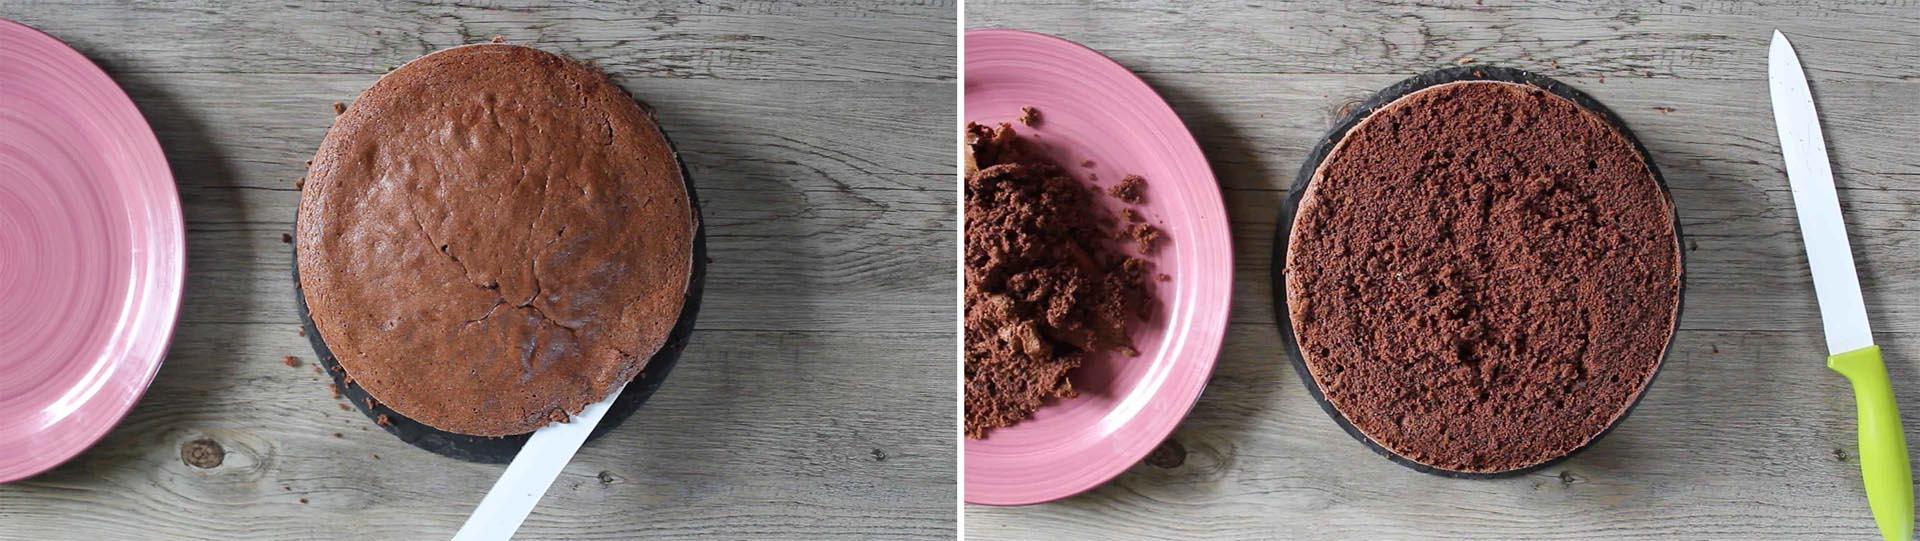 preparazione torta caffè cioccolato